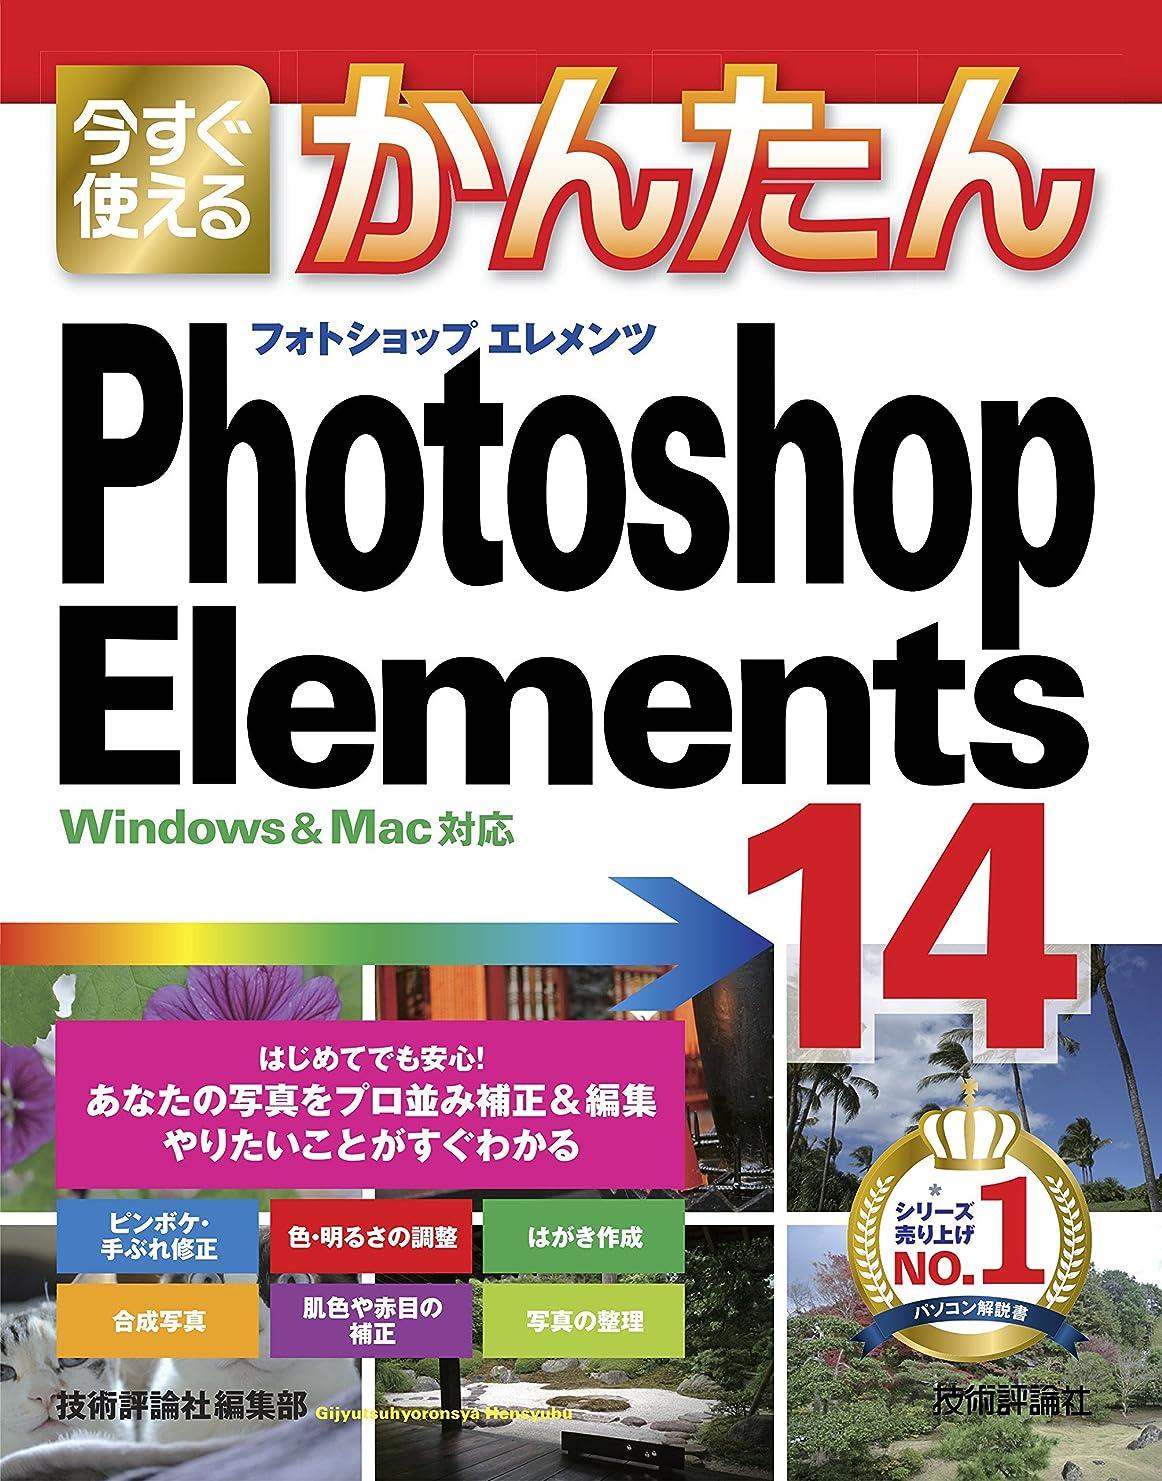 平凡オデュッセウスうれしい今すぐ使えるかんたん Photoshop Elements 14